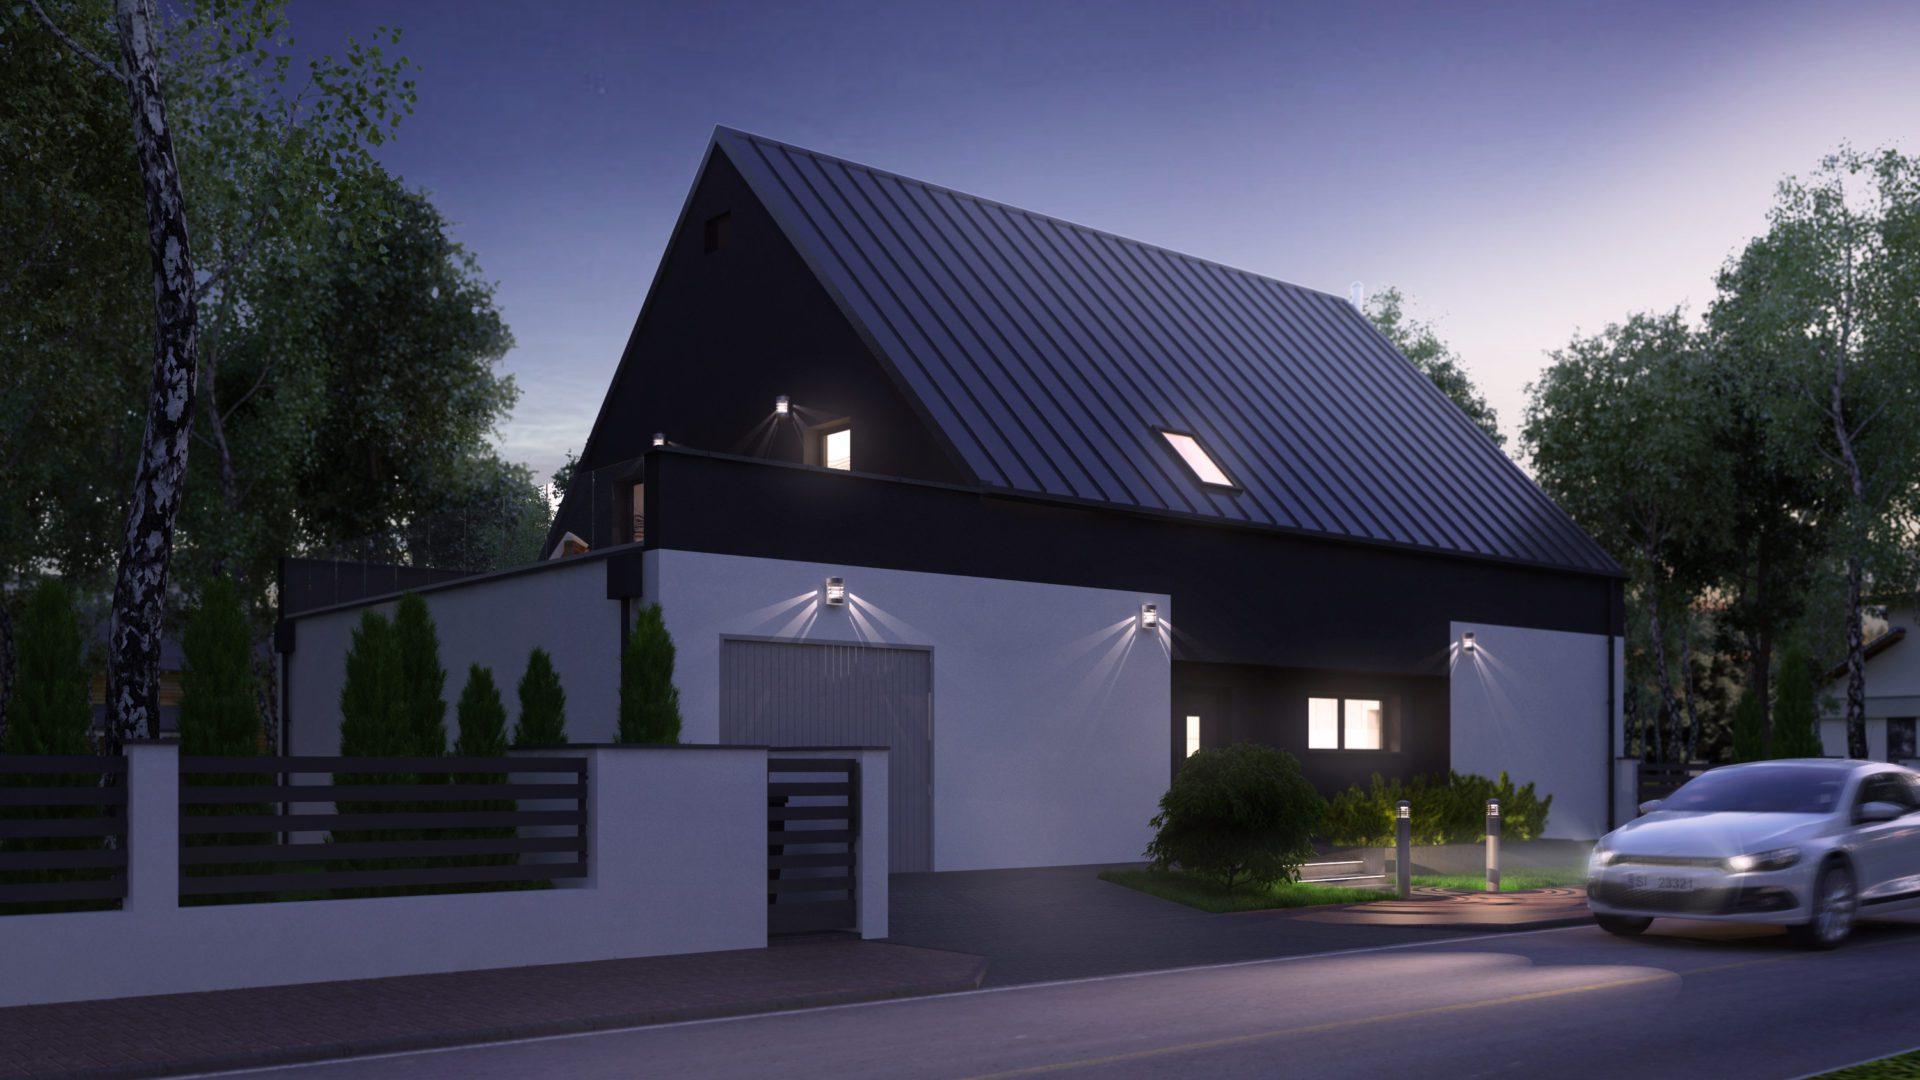 fotorealistyczna wizualizacja domu w Siemanowicach Śląskich